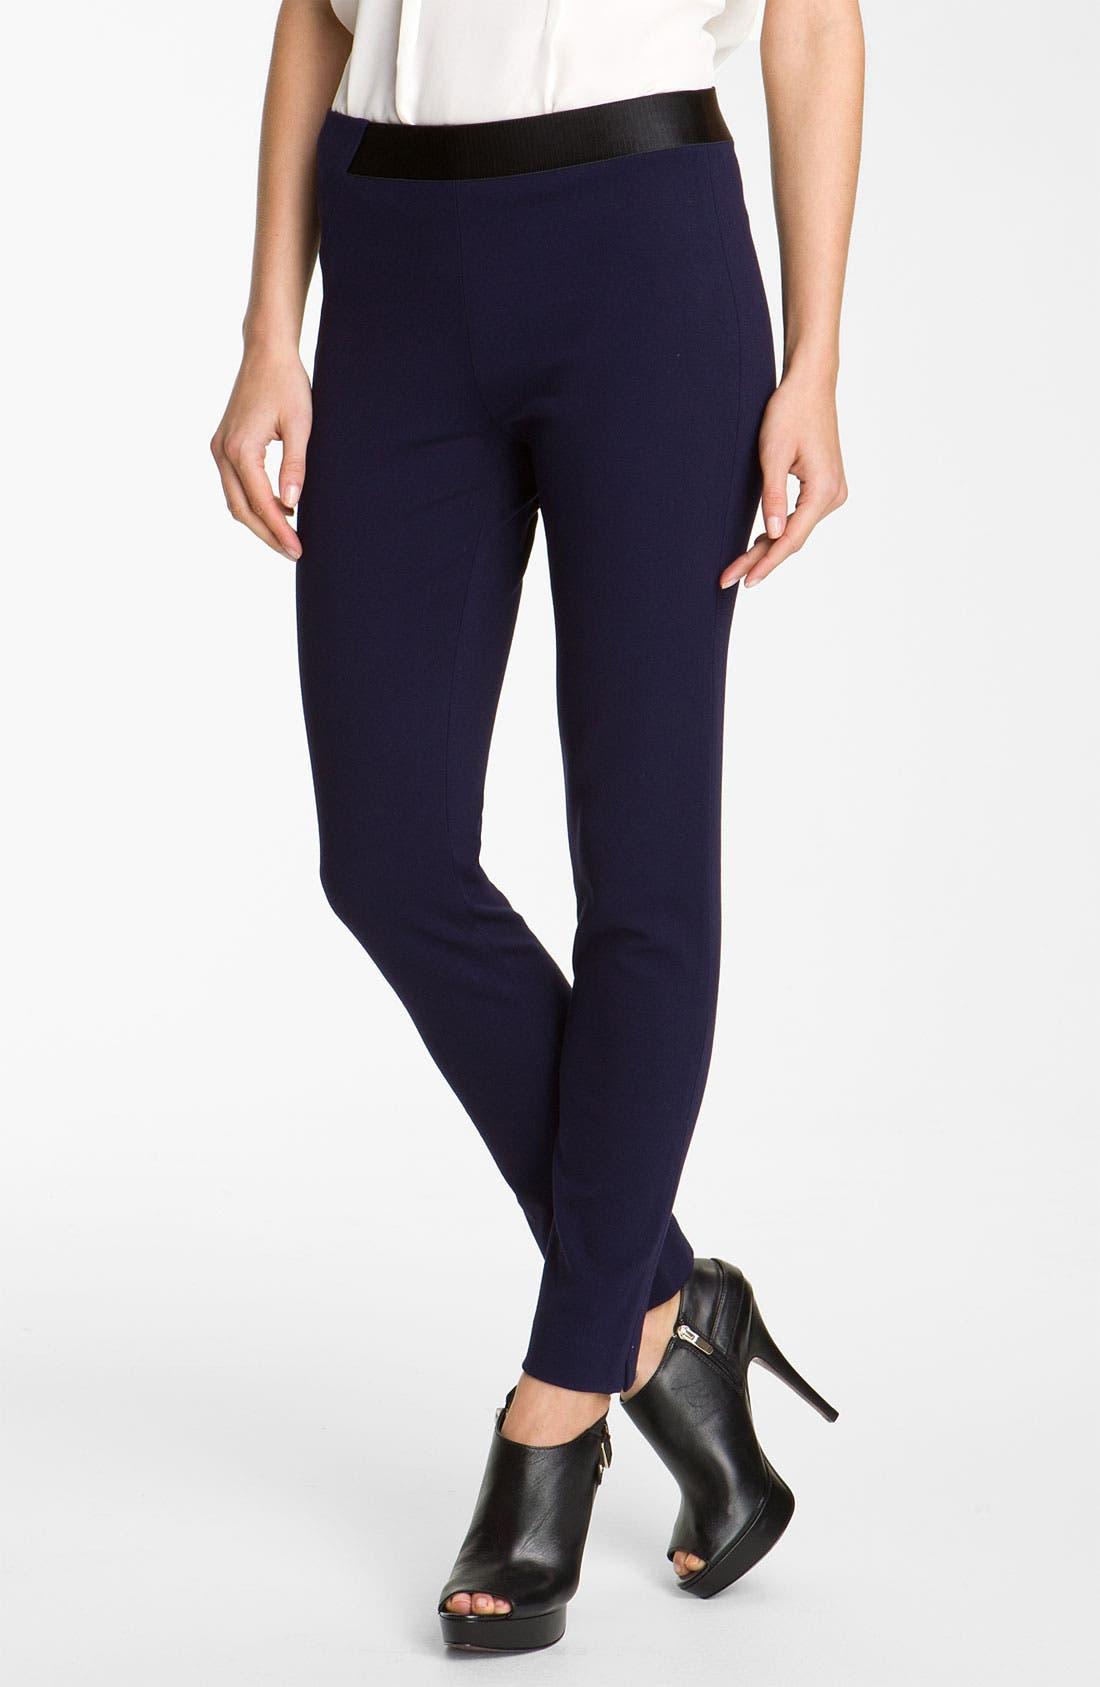 Alternate Image 1 Selected - Elie Tahari Exclusive for Nordstrom 'Jolene' Skinny Pants